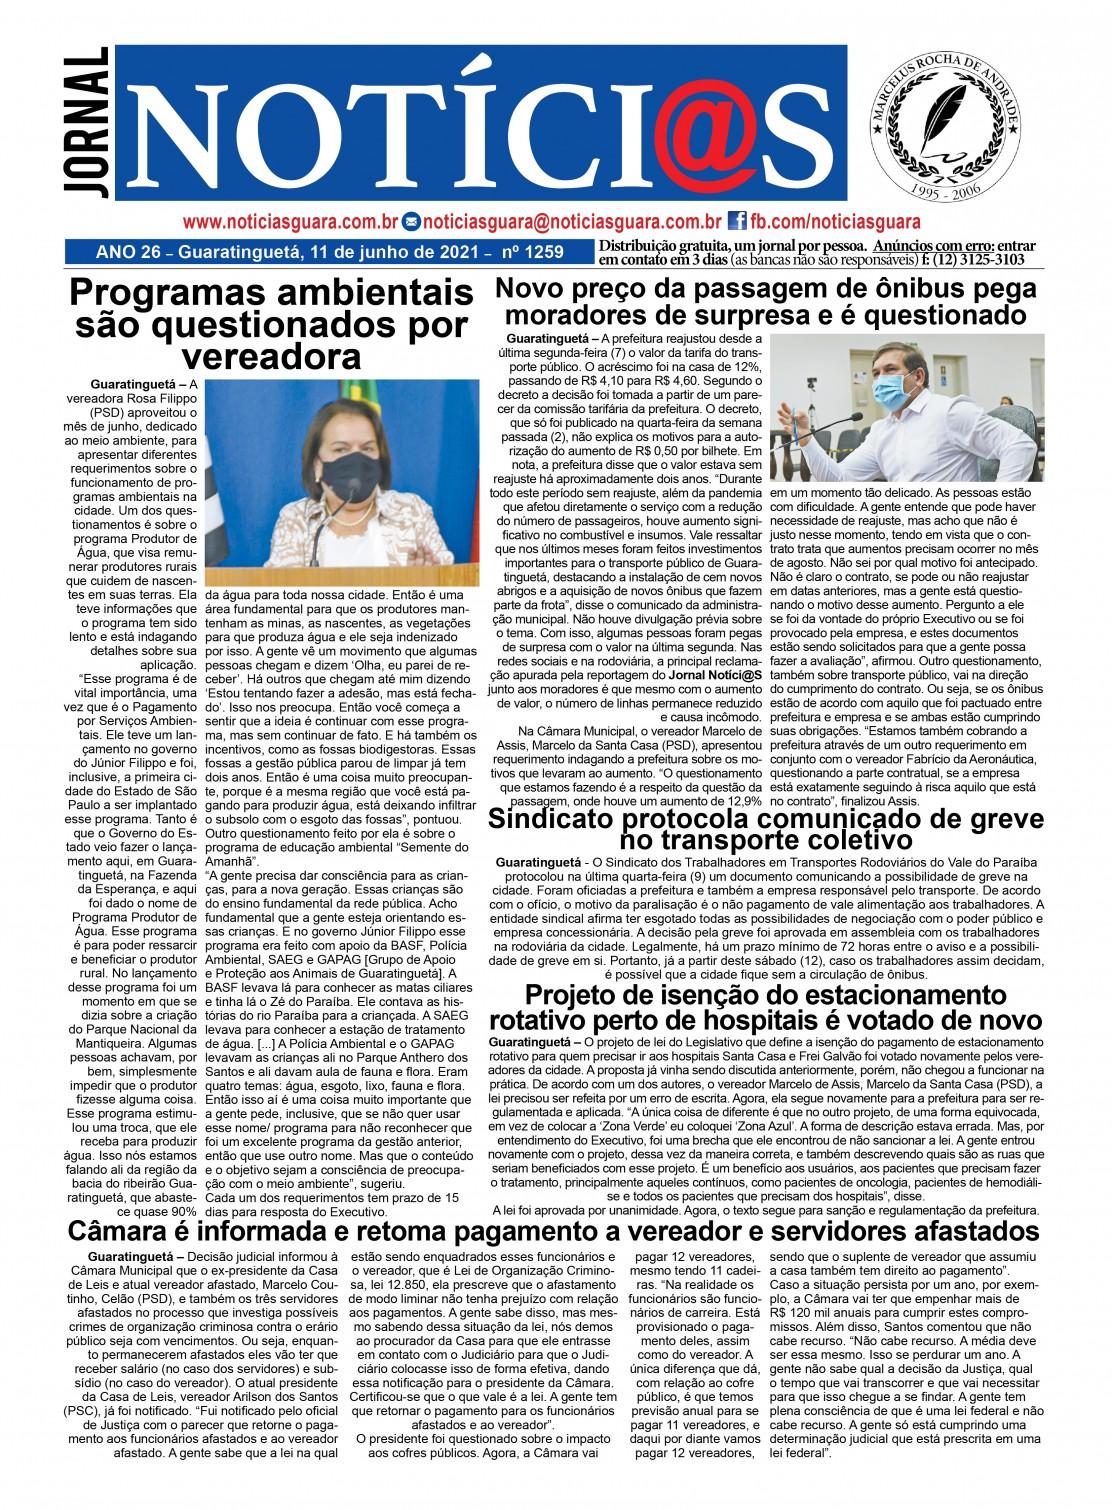 Edição nº1259 do Jornal pagina 1259